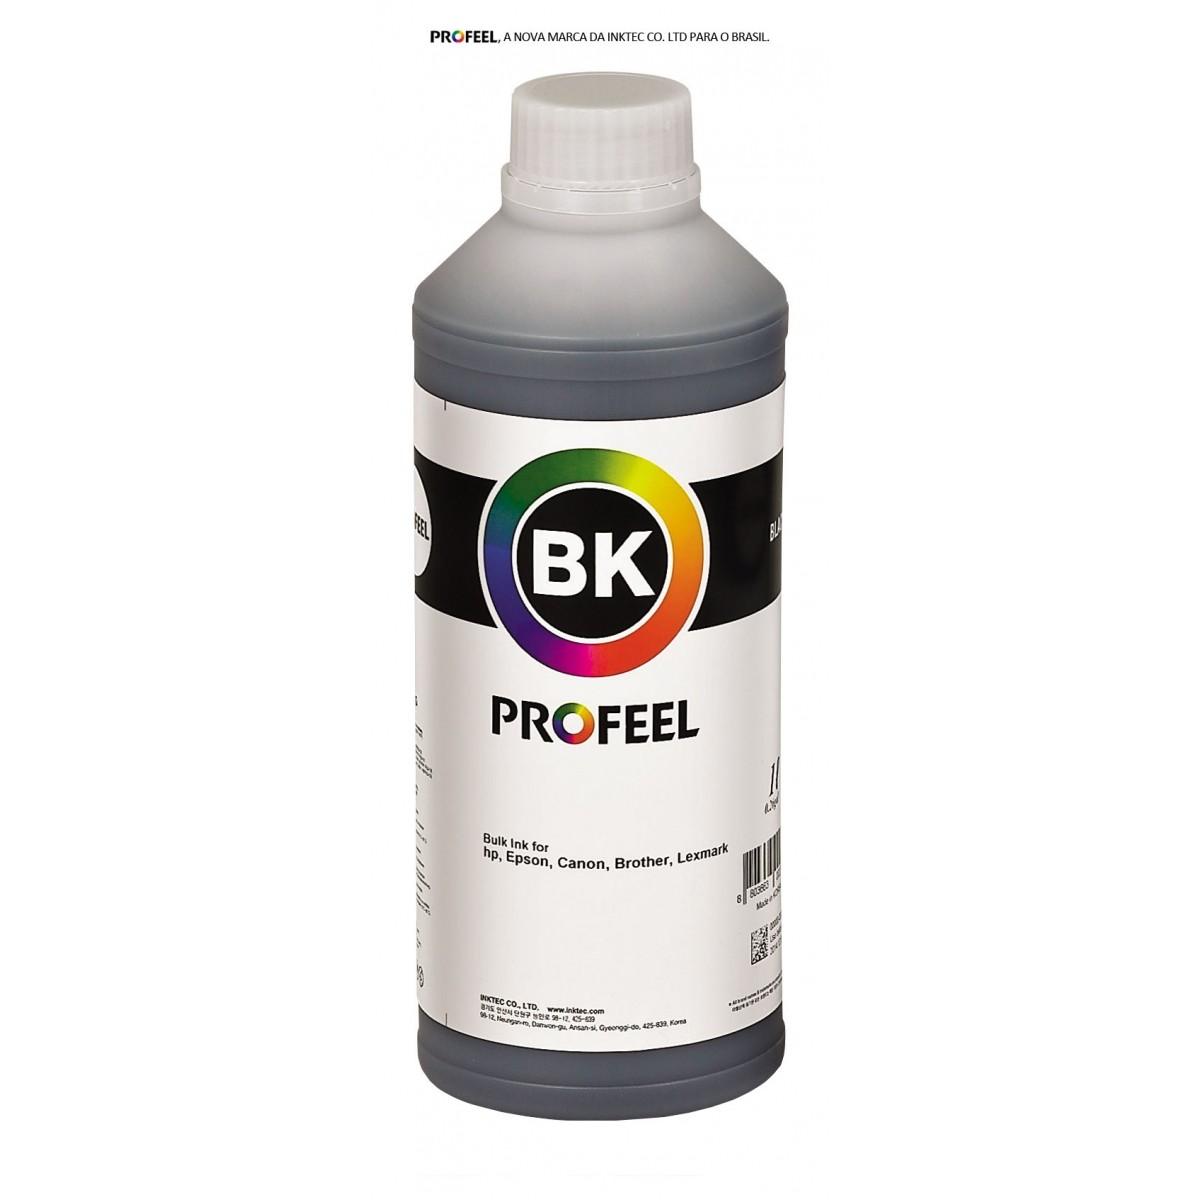 Tinta pigmentada InkTec Profeel modelo H5970-01LB | Frasco de 1 litro | Cor : Preta